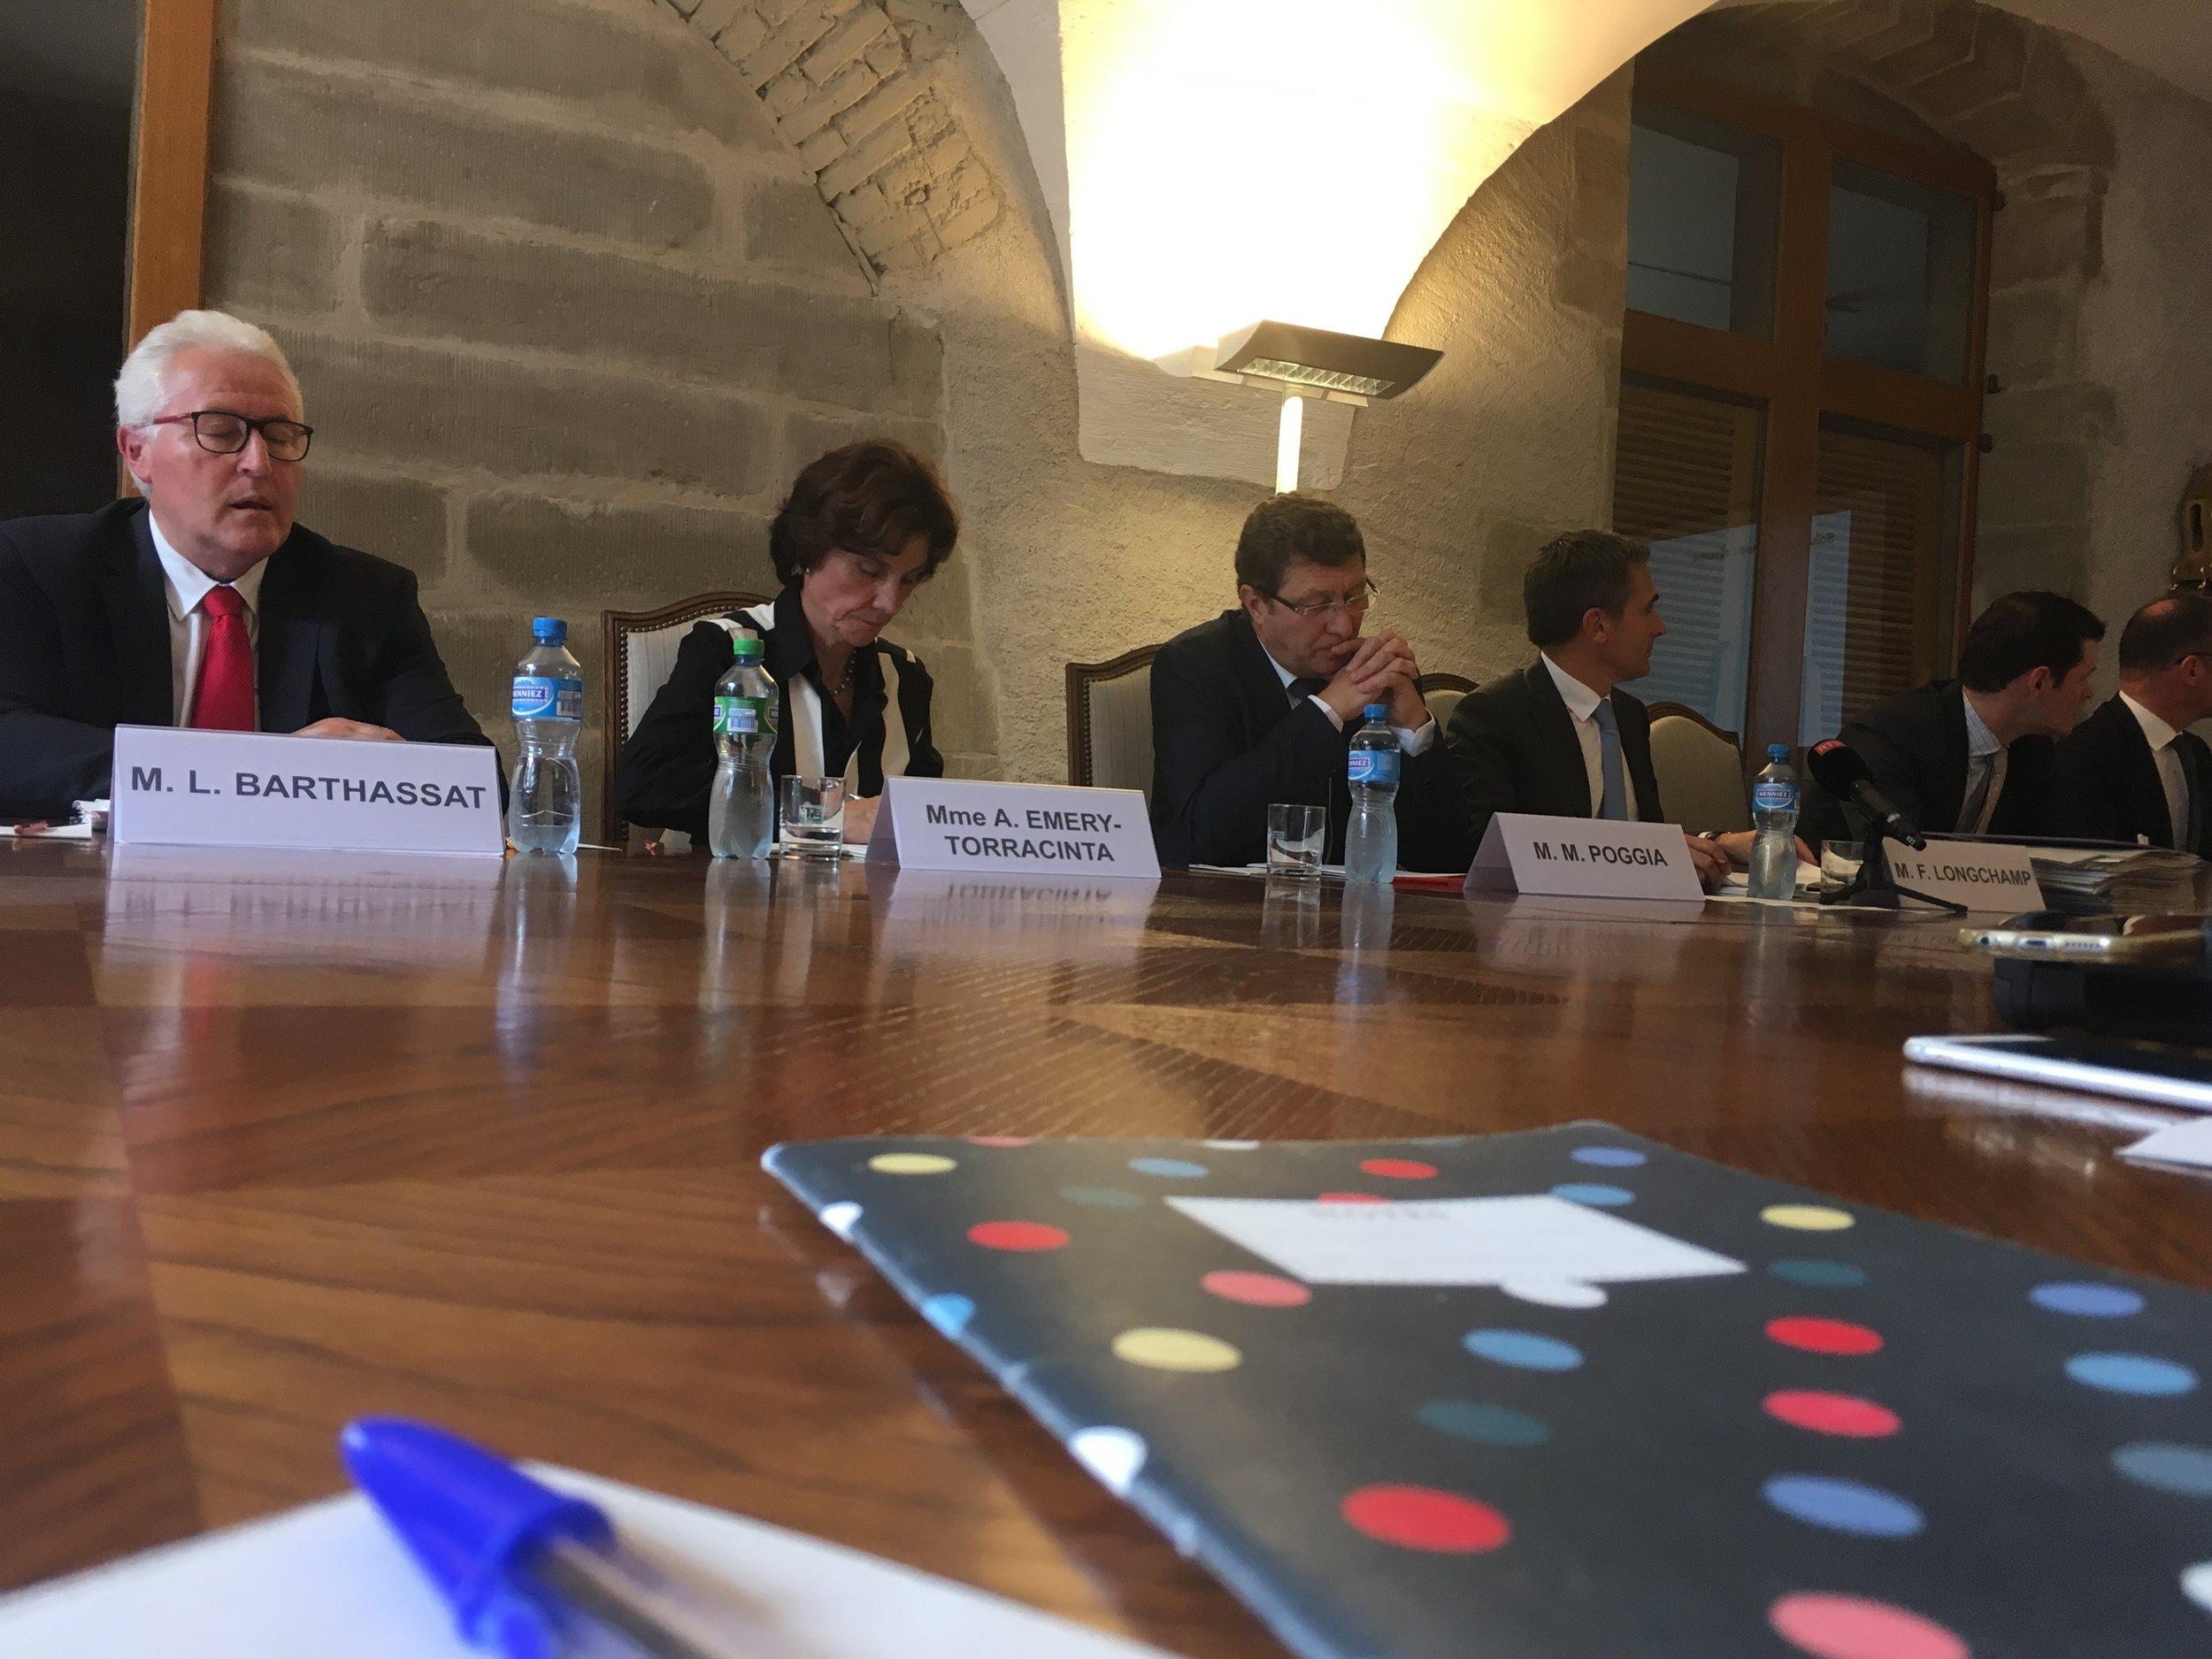 Le Conseil d'Etat in corpore est venu présenter le projet de loi pour assainir la caisse de pension des fonctionnaires publics. © La Cité / 4 octobre 2017